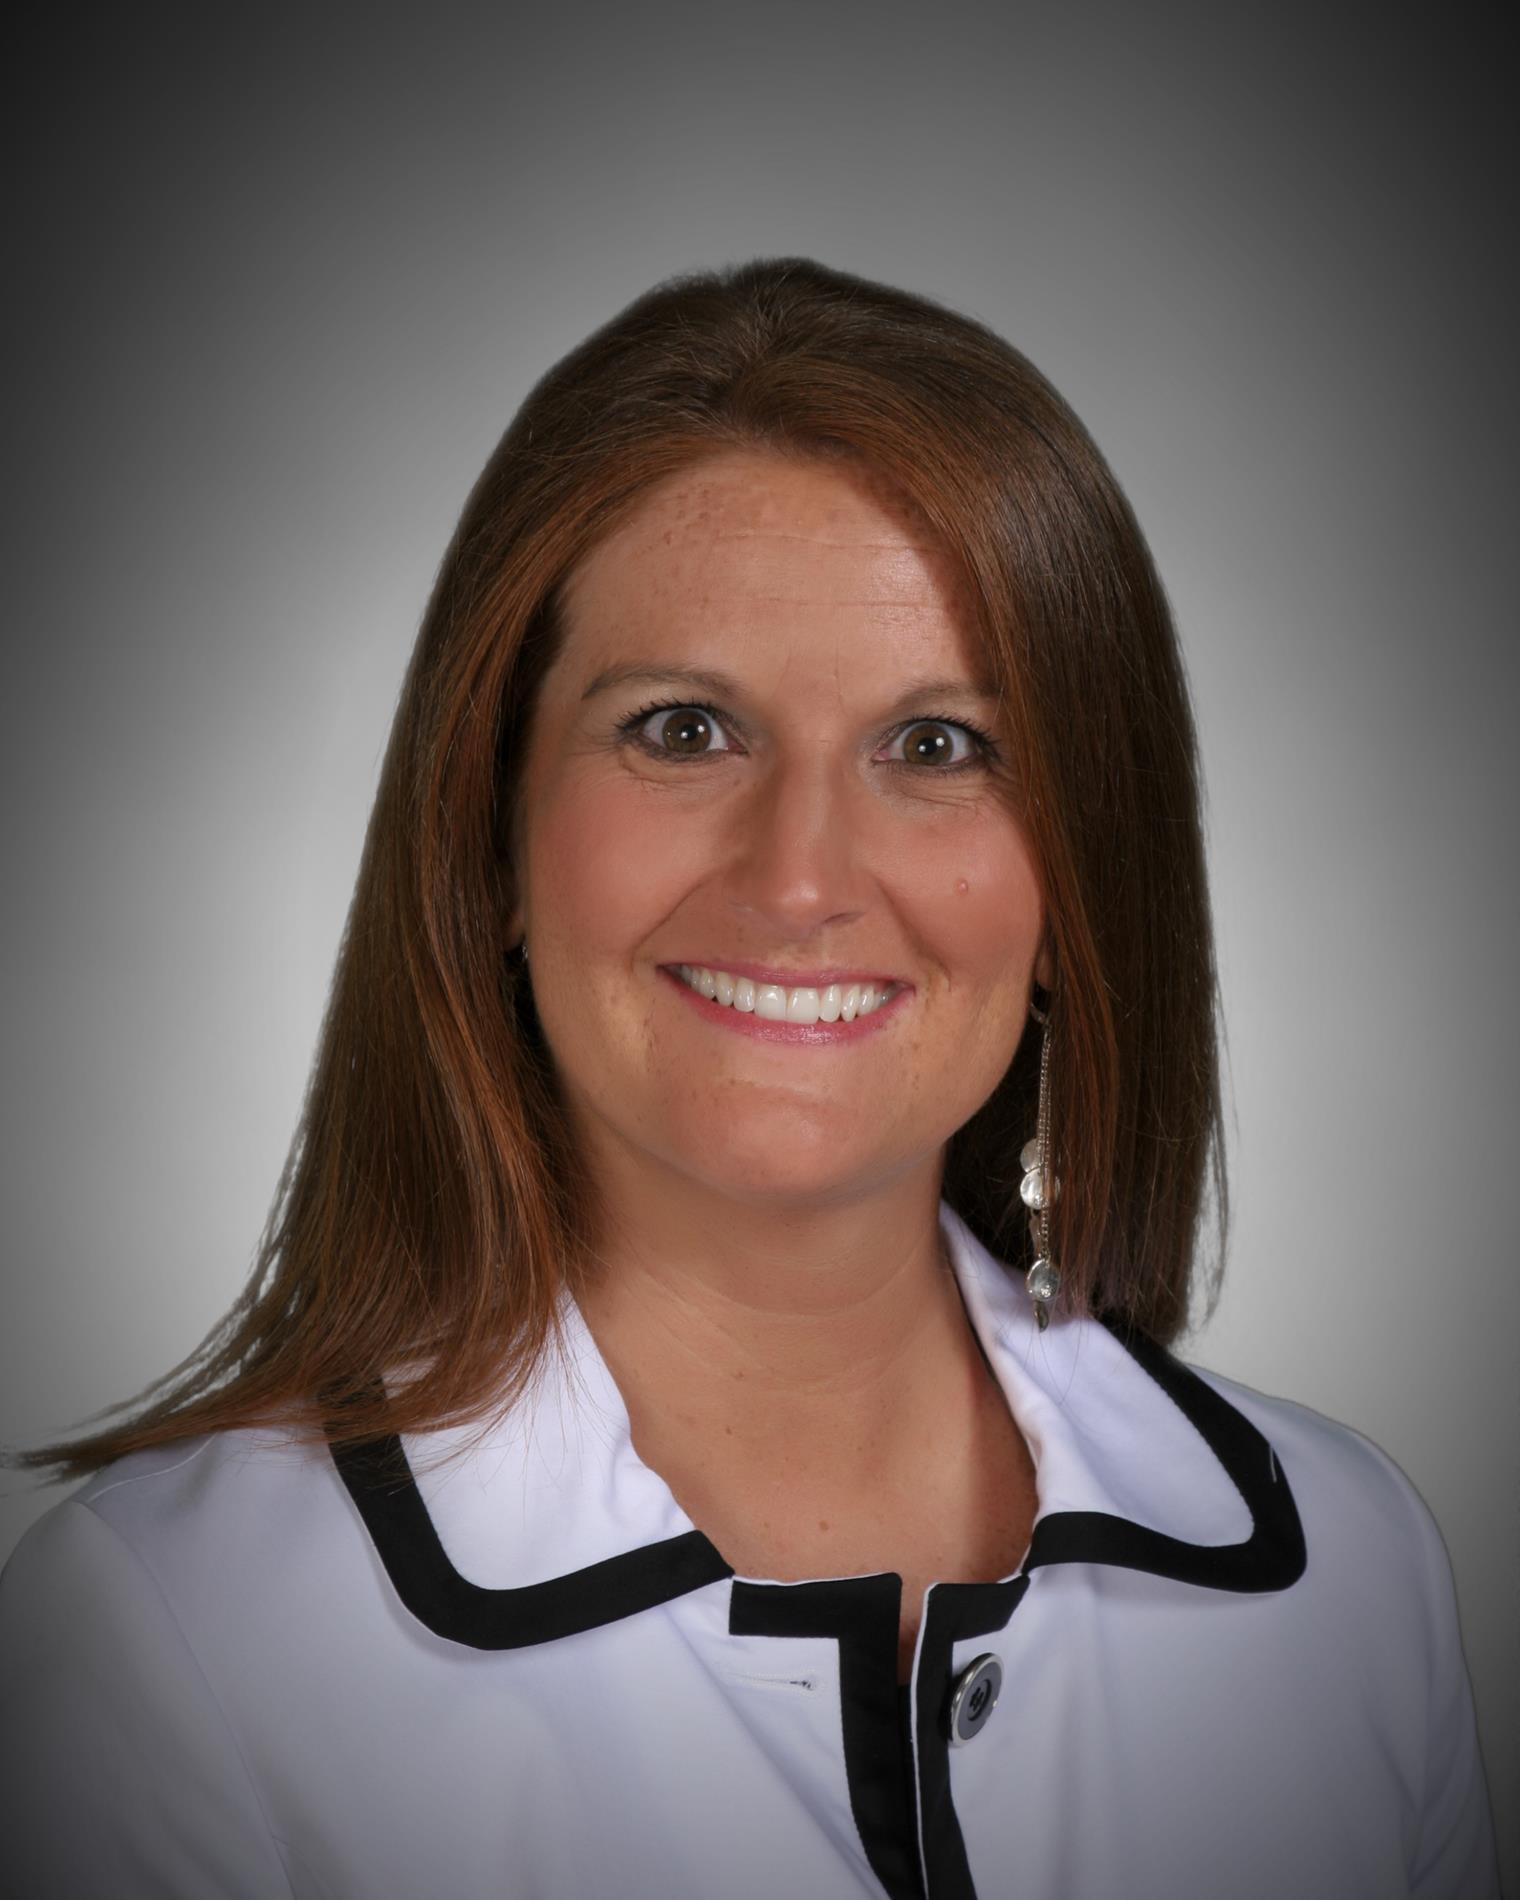 Beth Turner, Coordinator